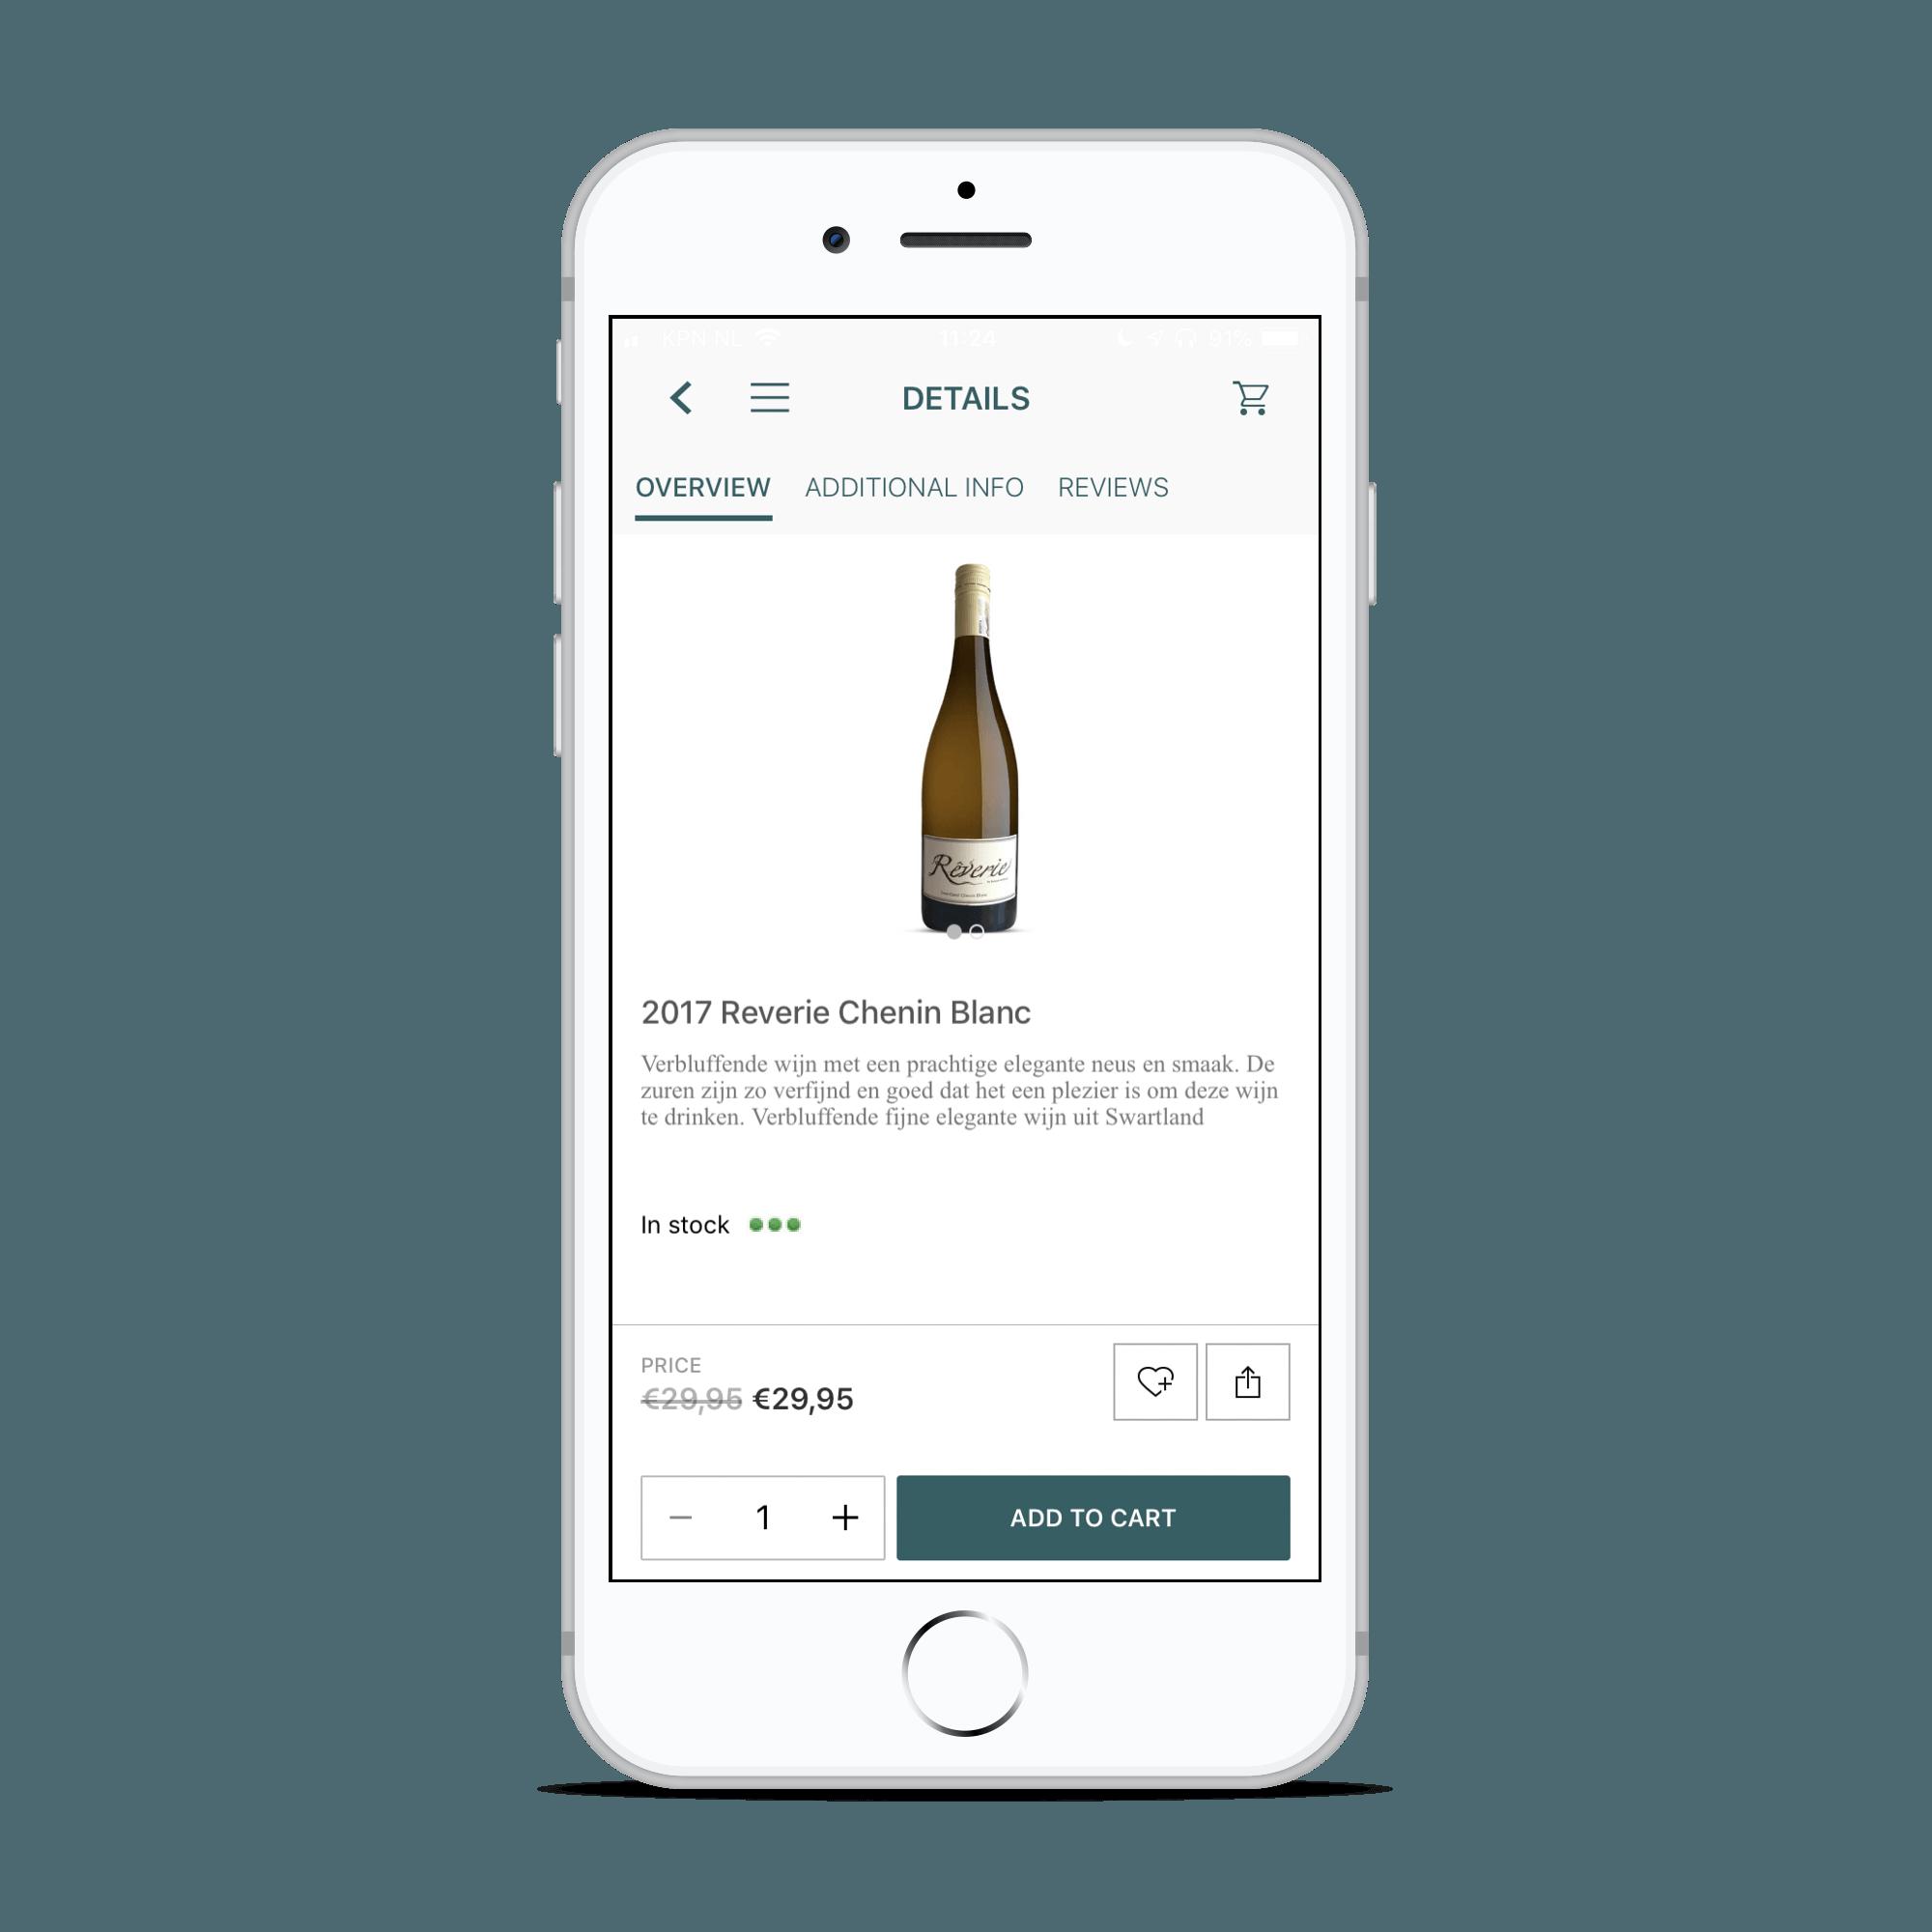 Unique Wines - Wijnkoperij De Lange